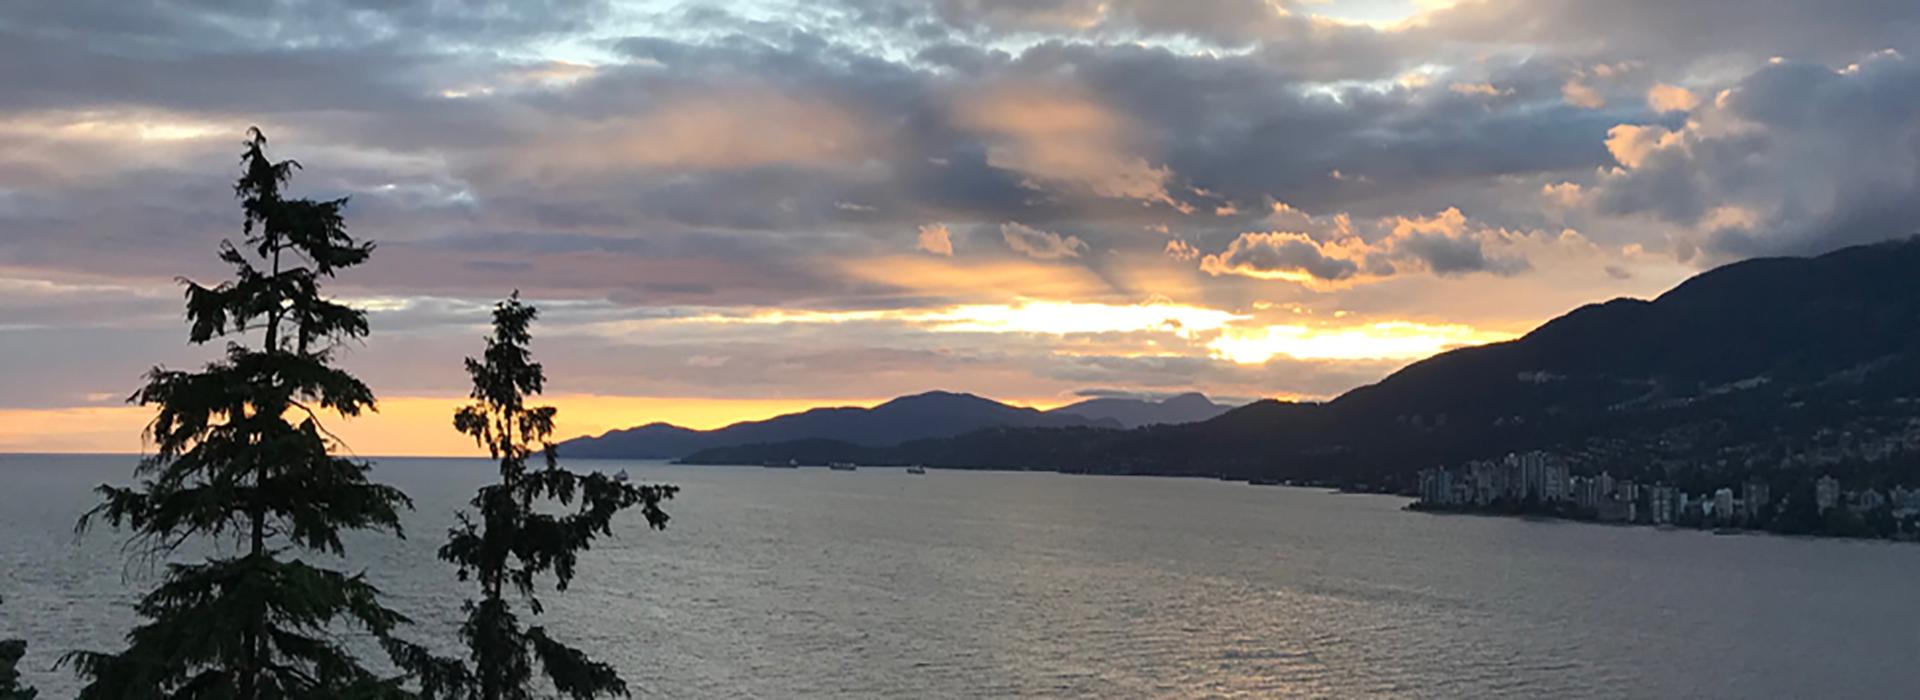 un coucher de soleil sur un plan d'eau.